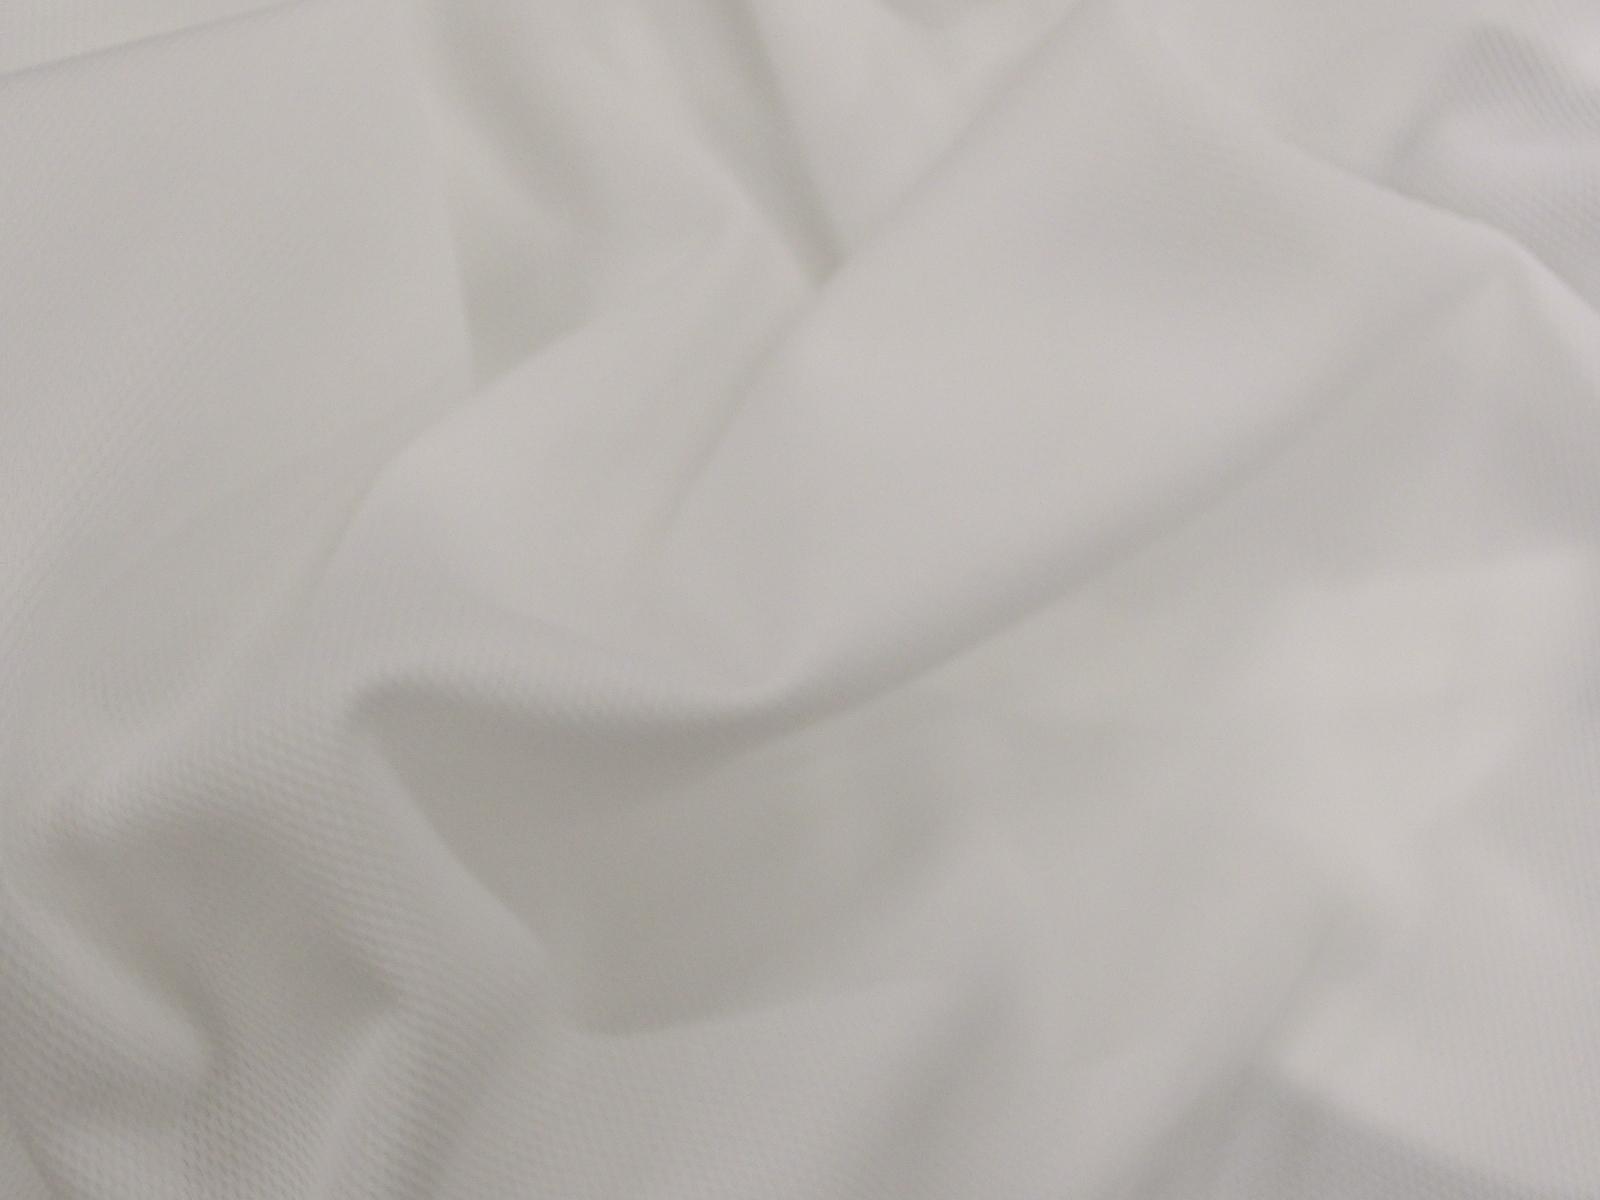 シワになりにくい新素材を使用した「ぴったりシーツ」6月16日に発売!